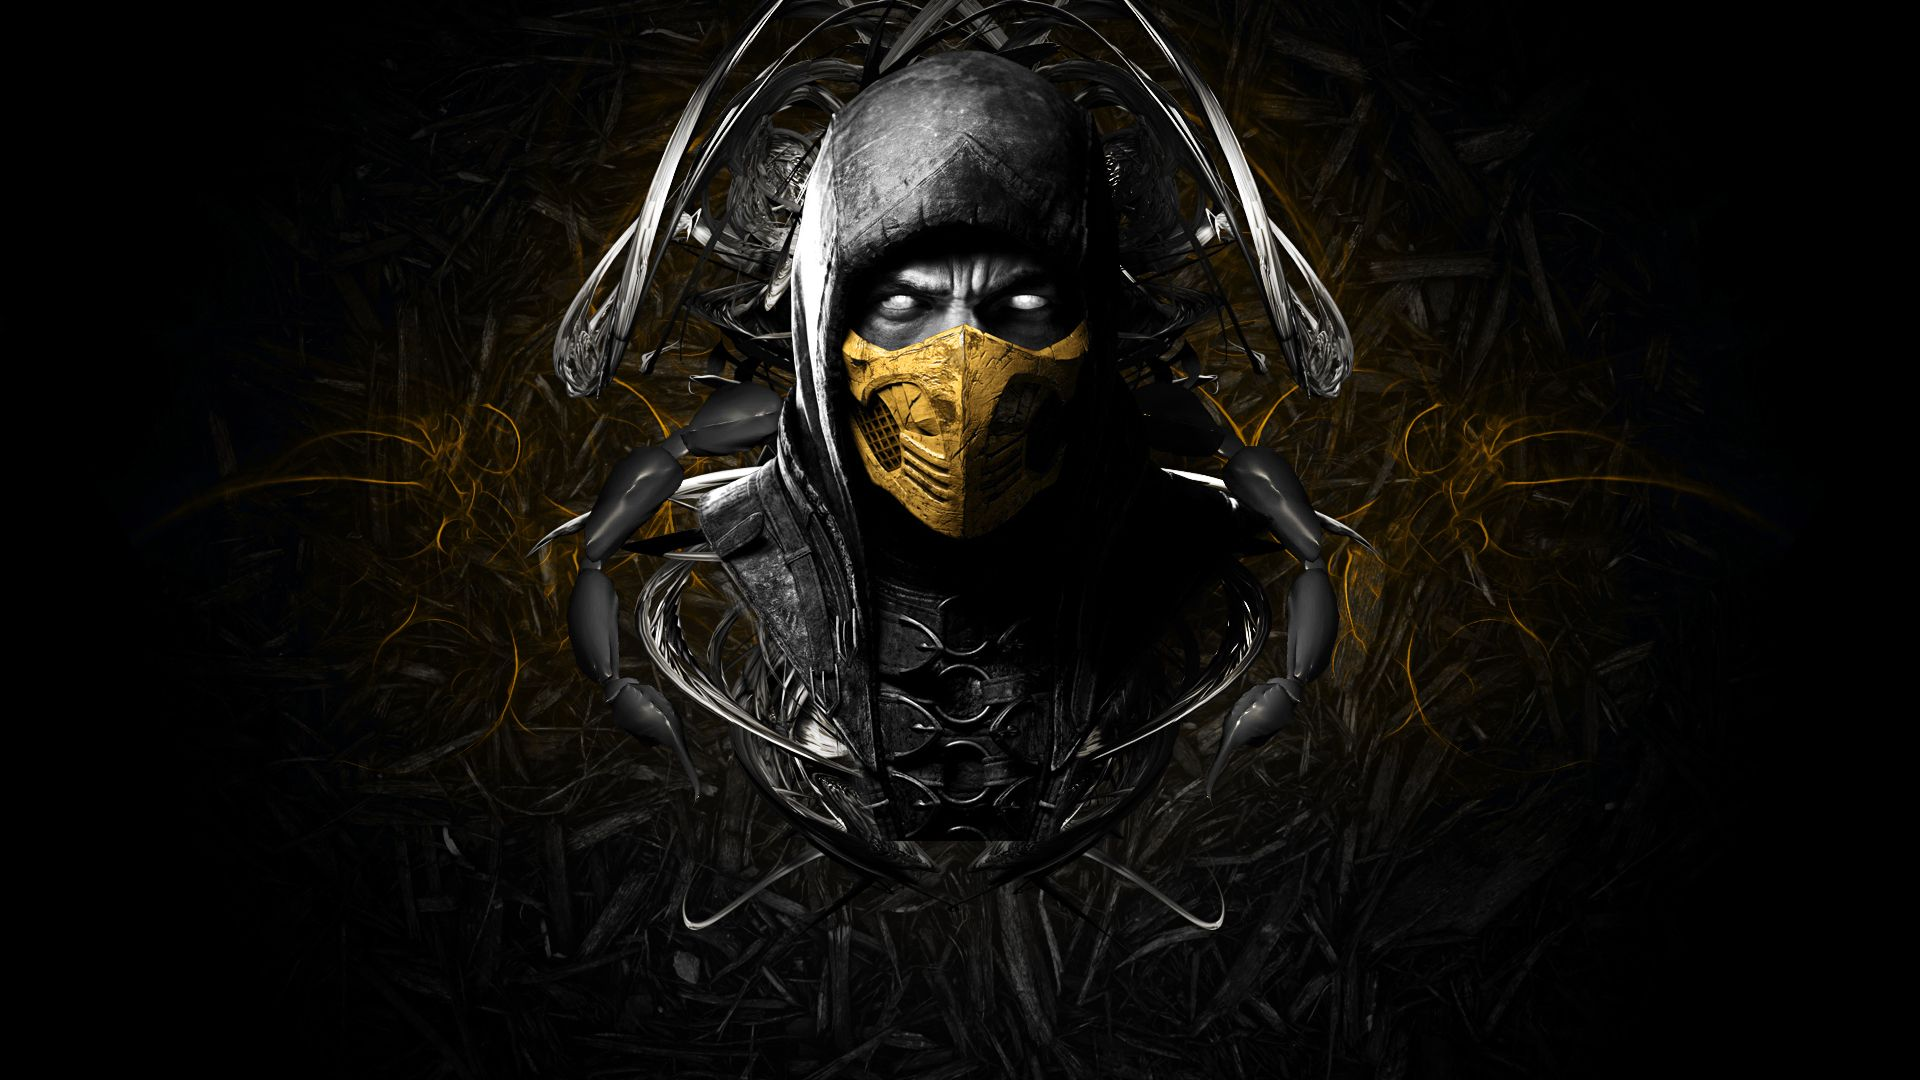 Scorpion En Mortal Kombat X Mortal Kombat X Wallpapers Mortal Kombat X Ninja Wallpaper